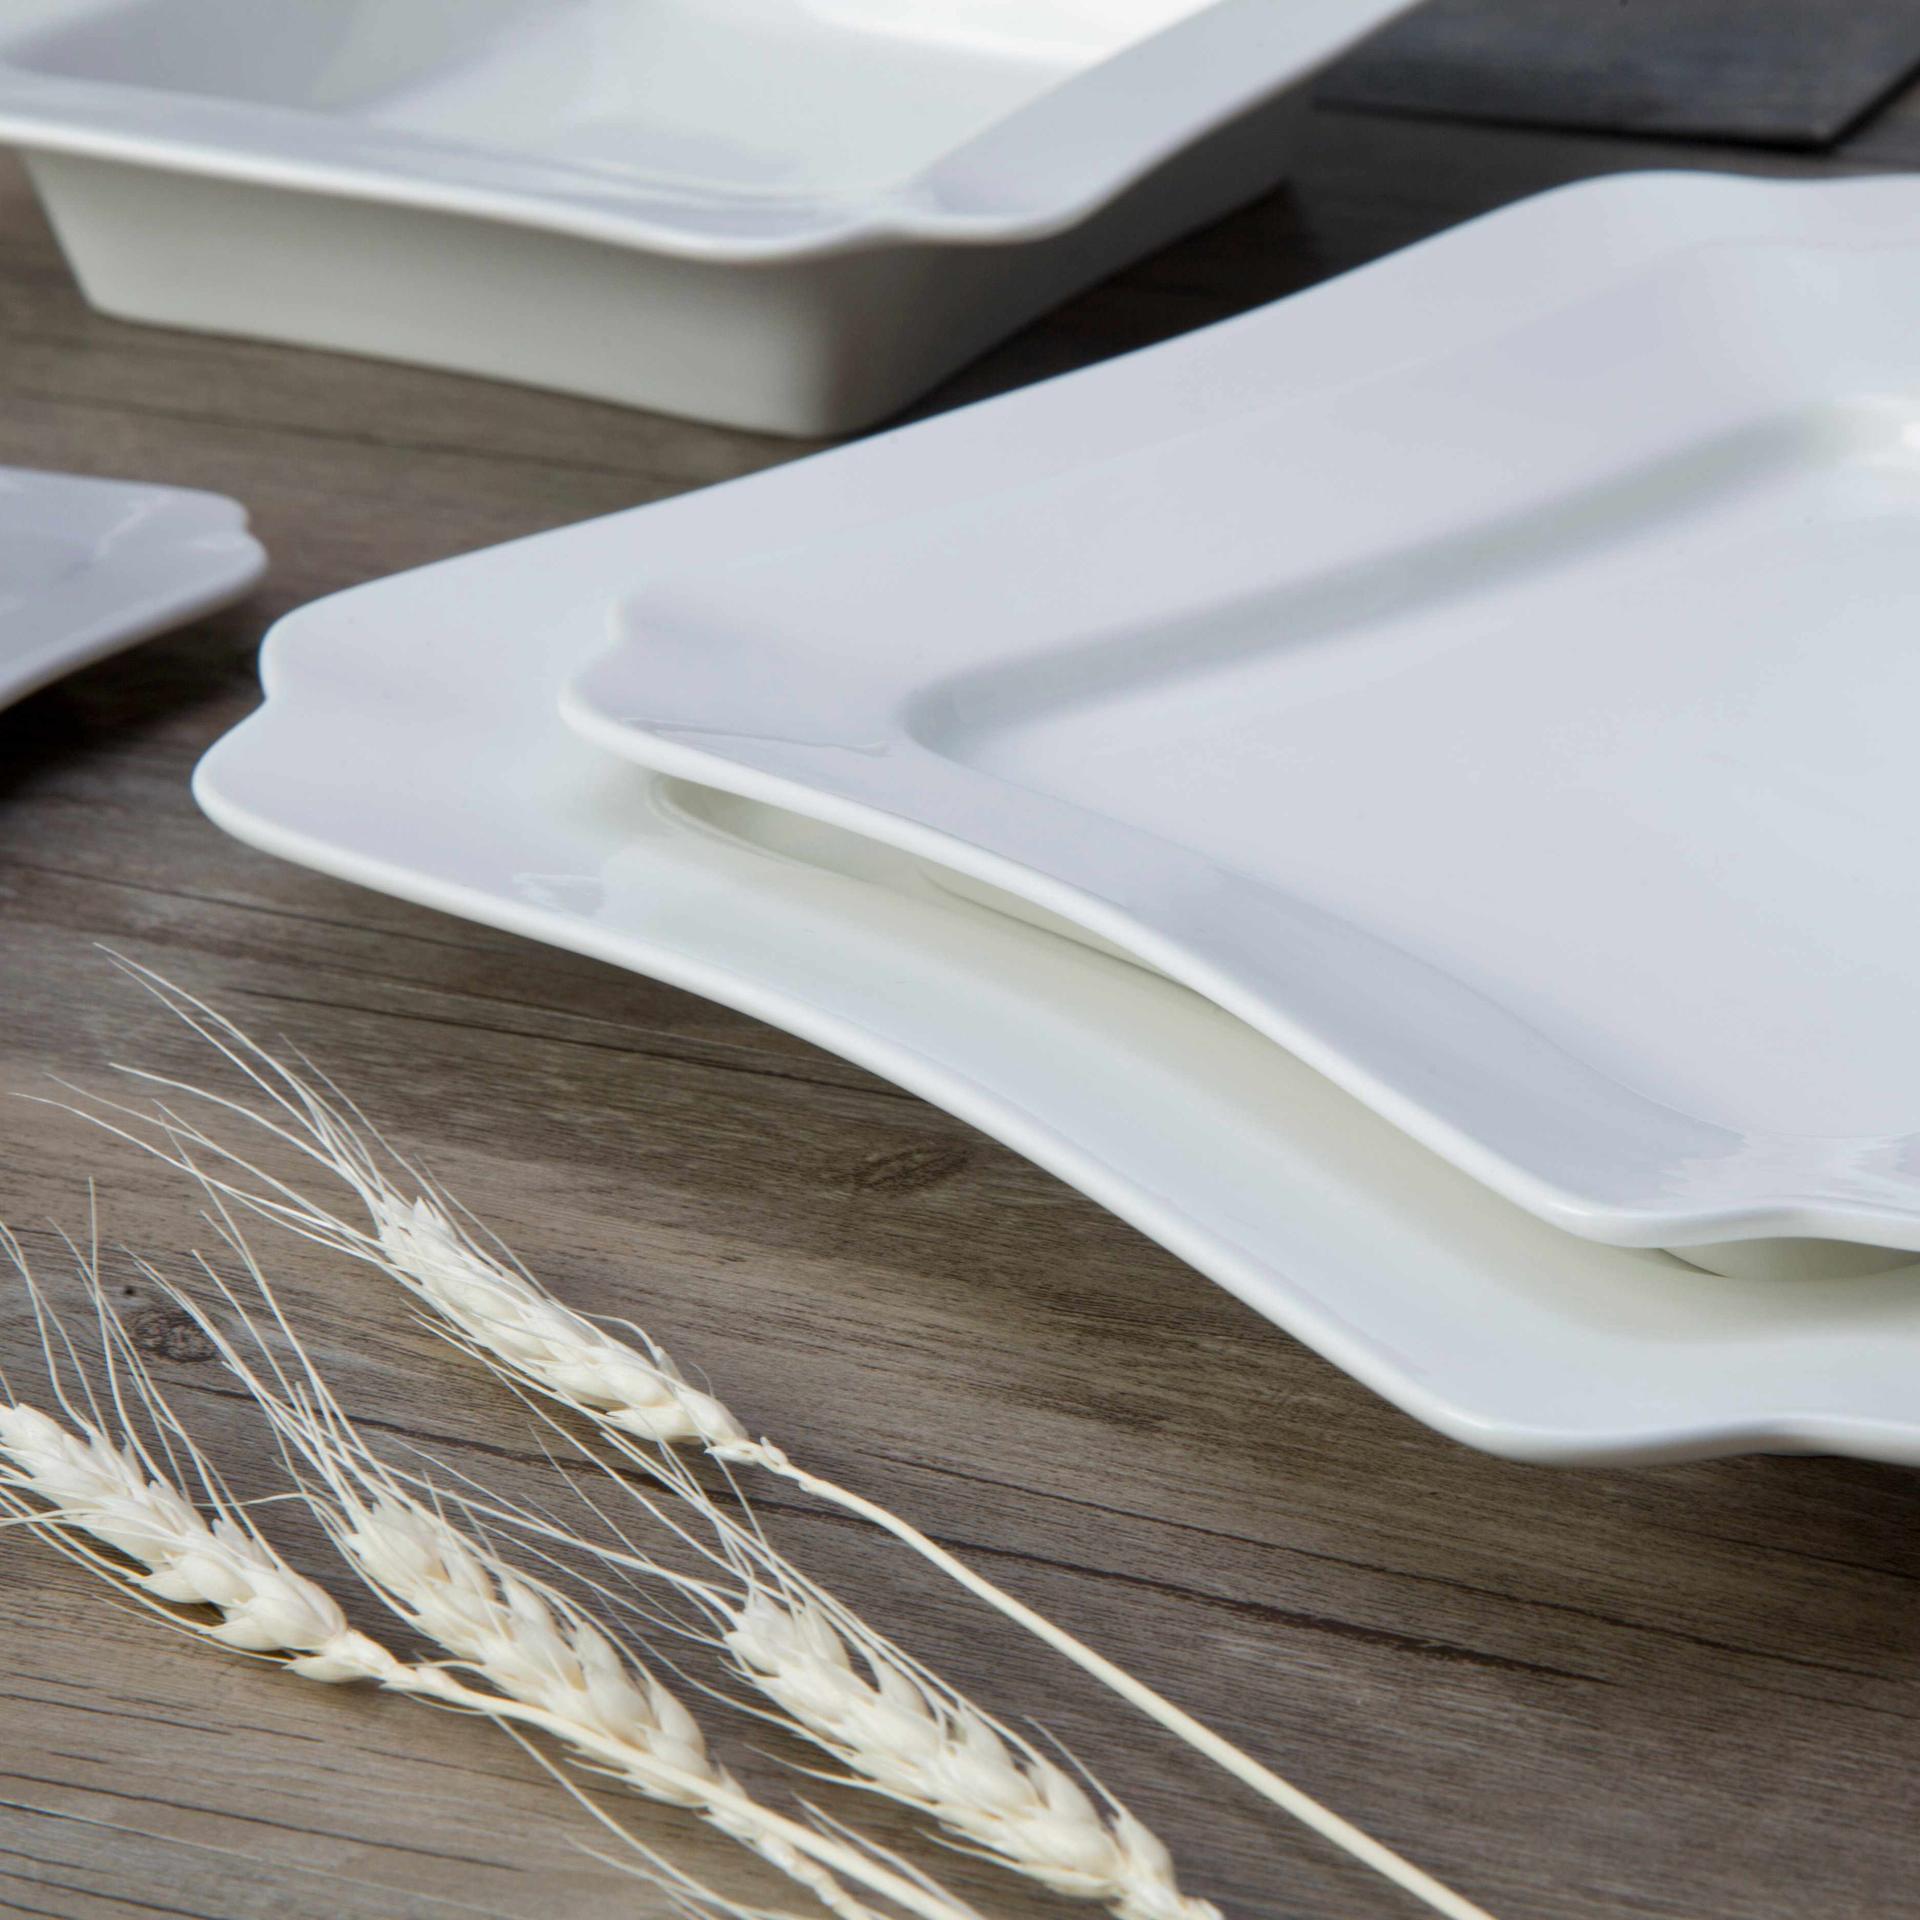 Modern Restaurant White Ceramic Dinnerware Set - TW18